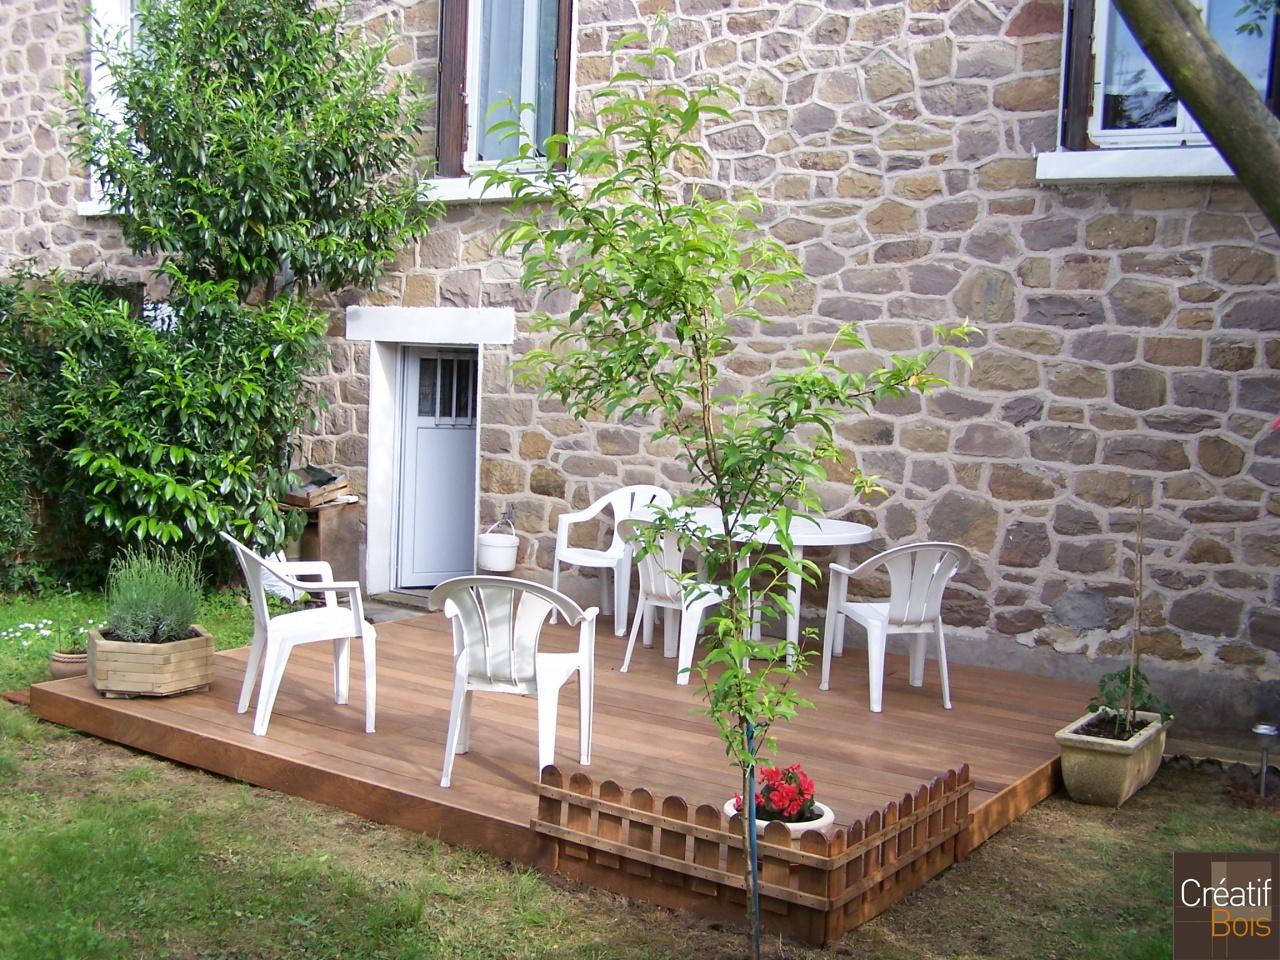 terrasse bois brive corr ze 19 r alisation terrasses. Black Bedroom Furniture Sets. Home Design Ideas